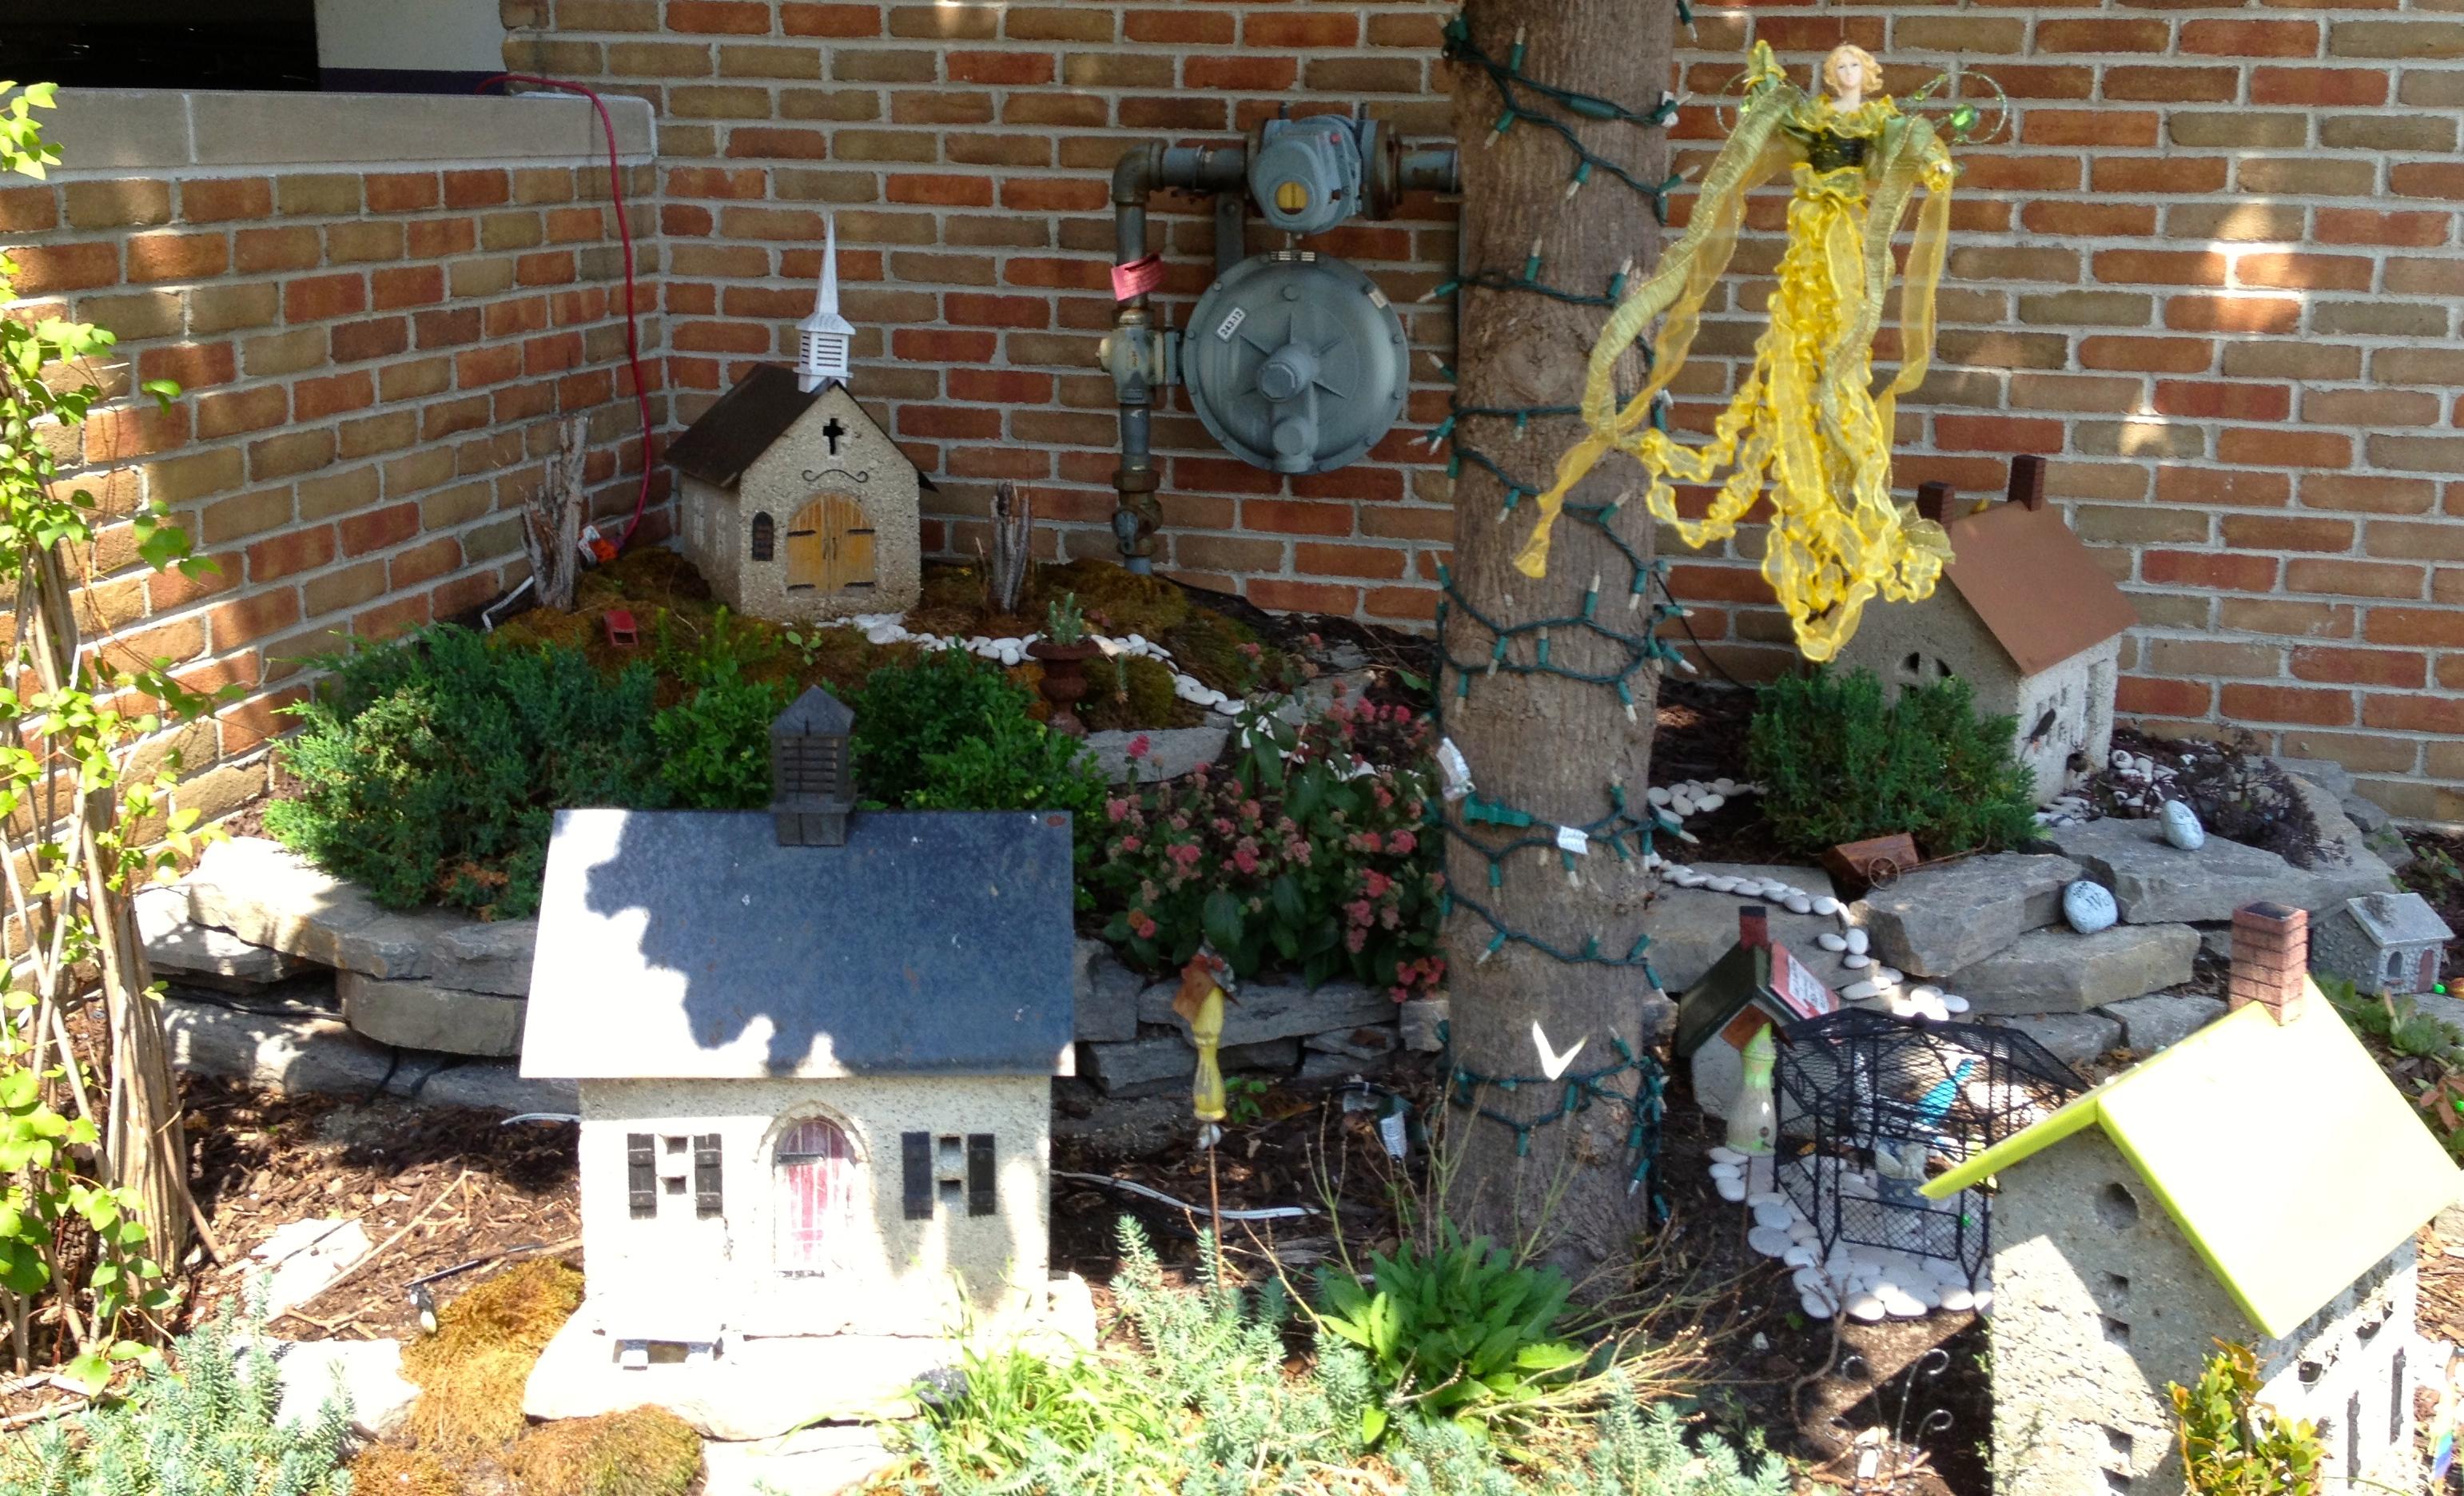 Fullsize Of Garden Fairy Villages